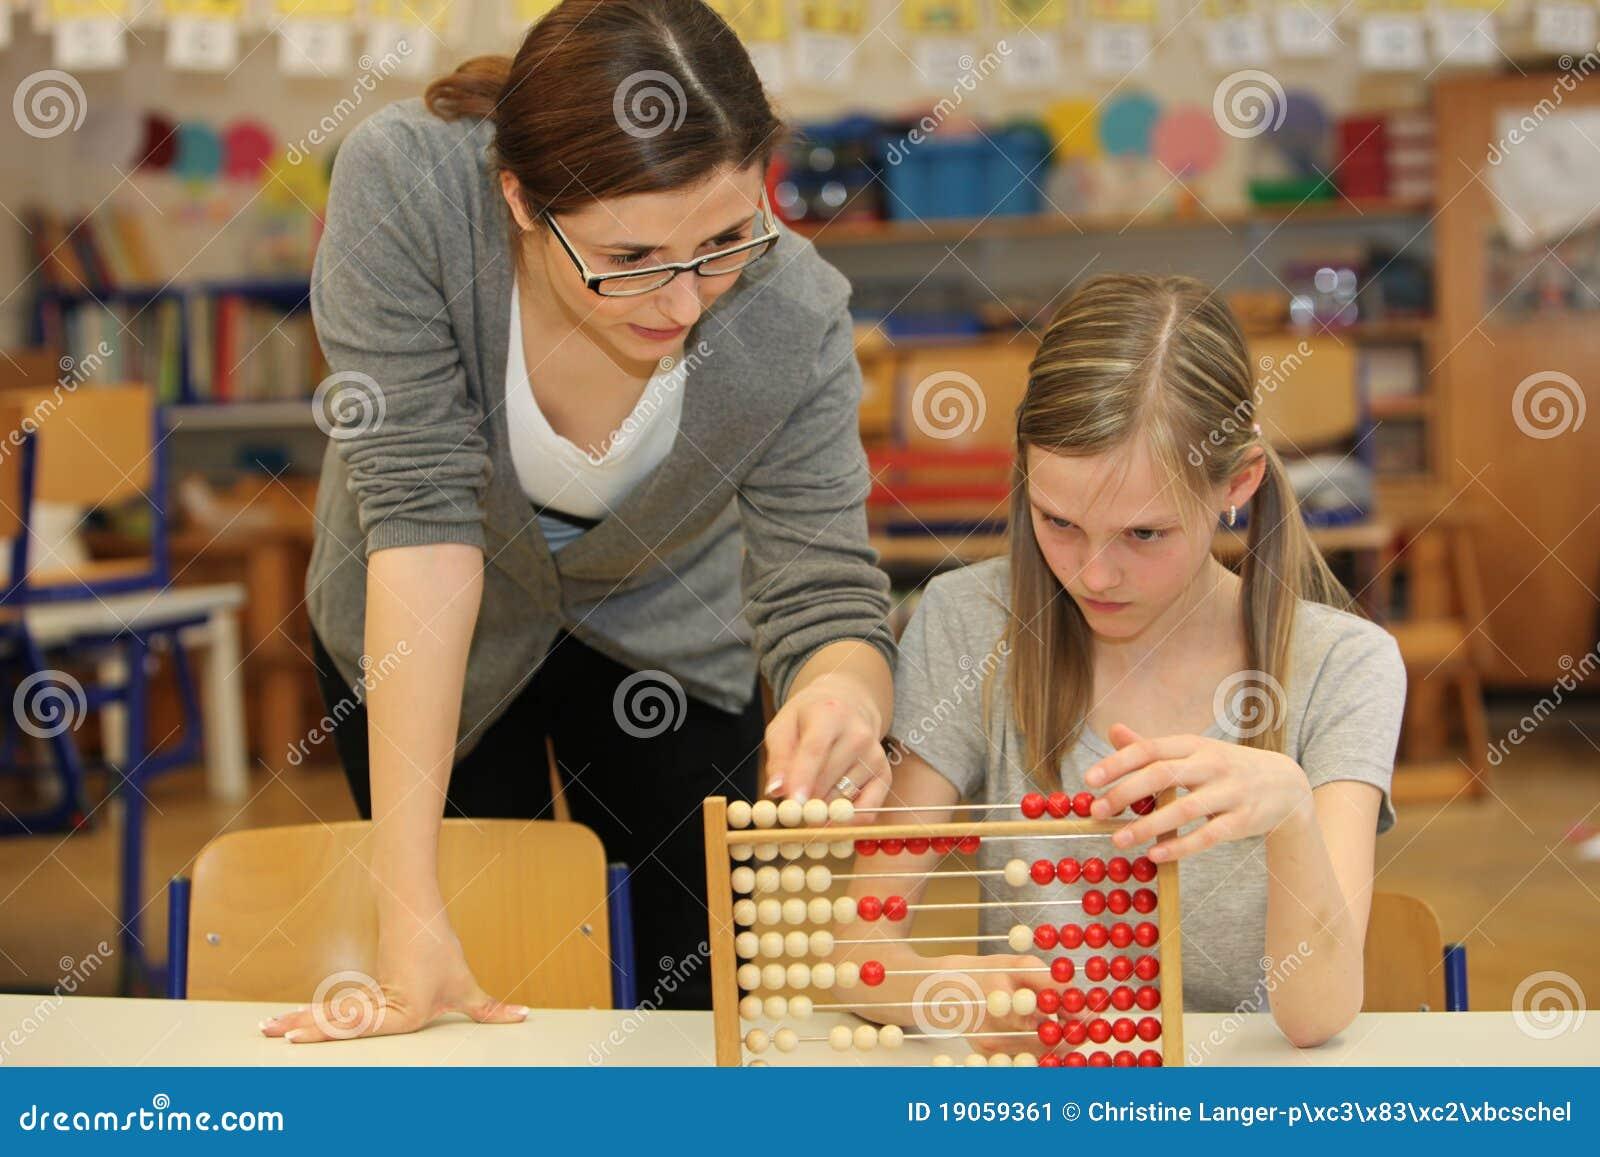 Leraar en student in de basisschool